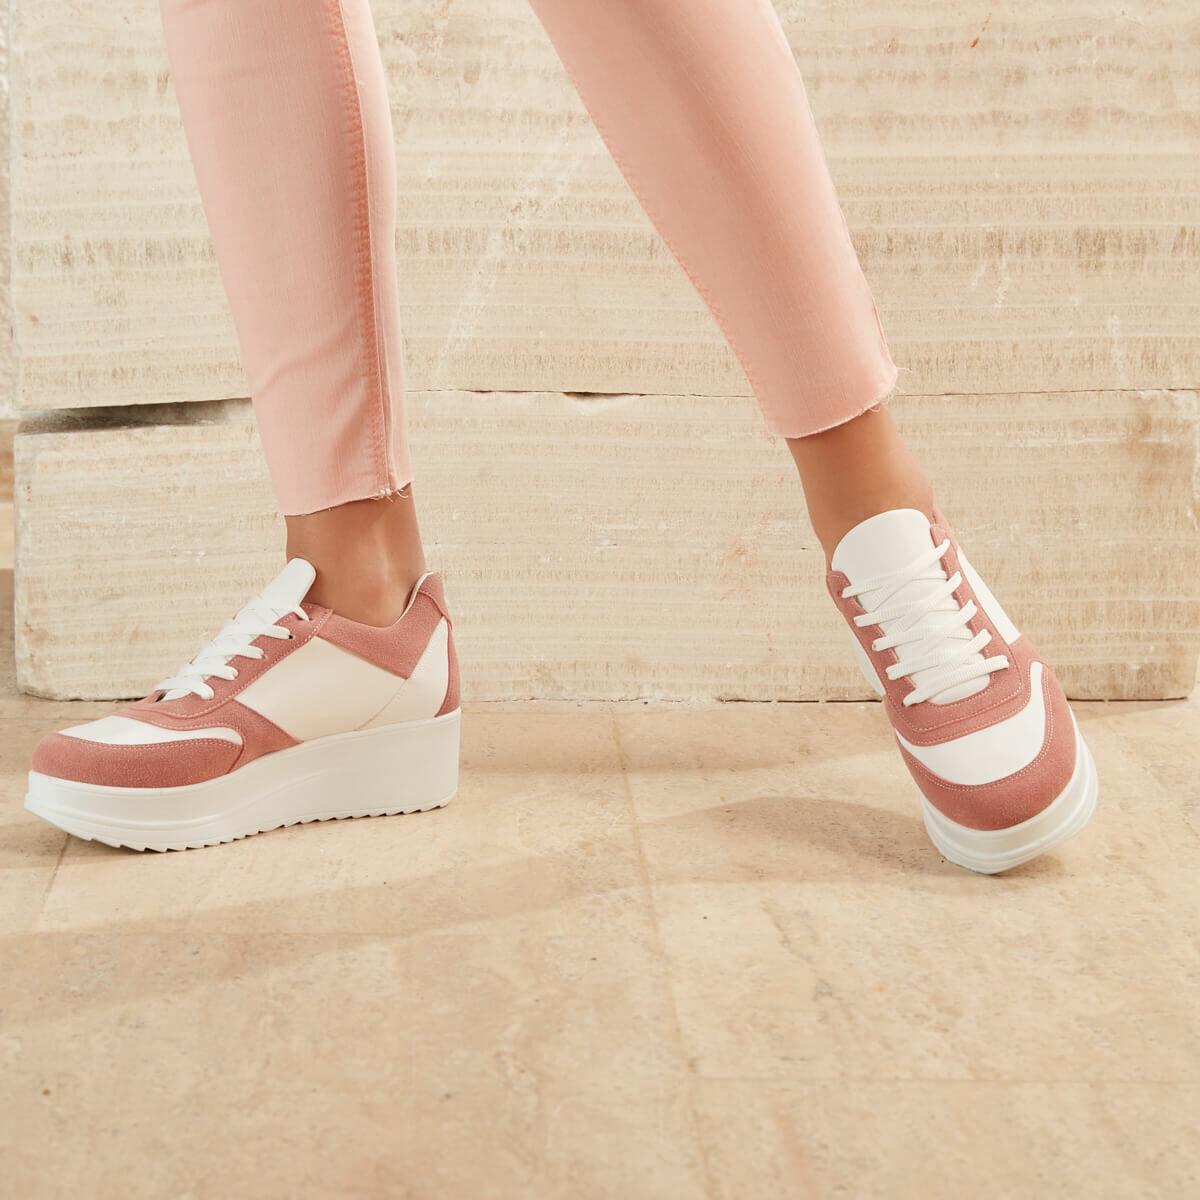 FLO Pink Women Sneaker Shoes Women Zapatos Mujer 2020 Fashion Women Sneakers Casual Shoes Tenis Feminino Comfy Shoes Ladies Lace Up Trainers BUTIGO SIMKA04Z